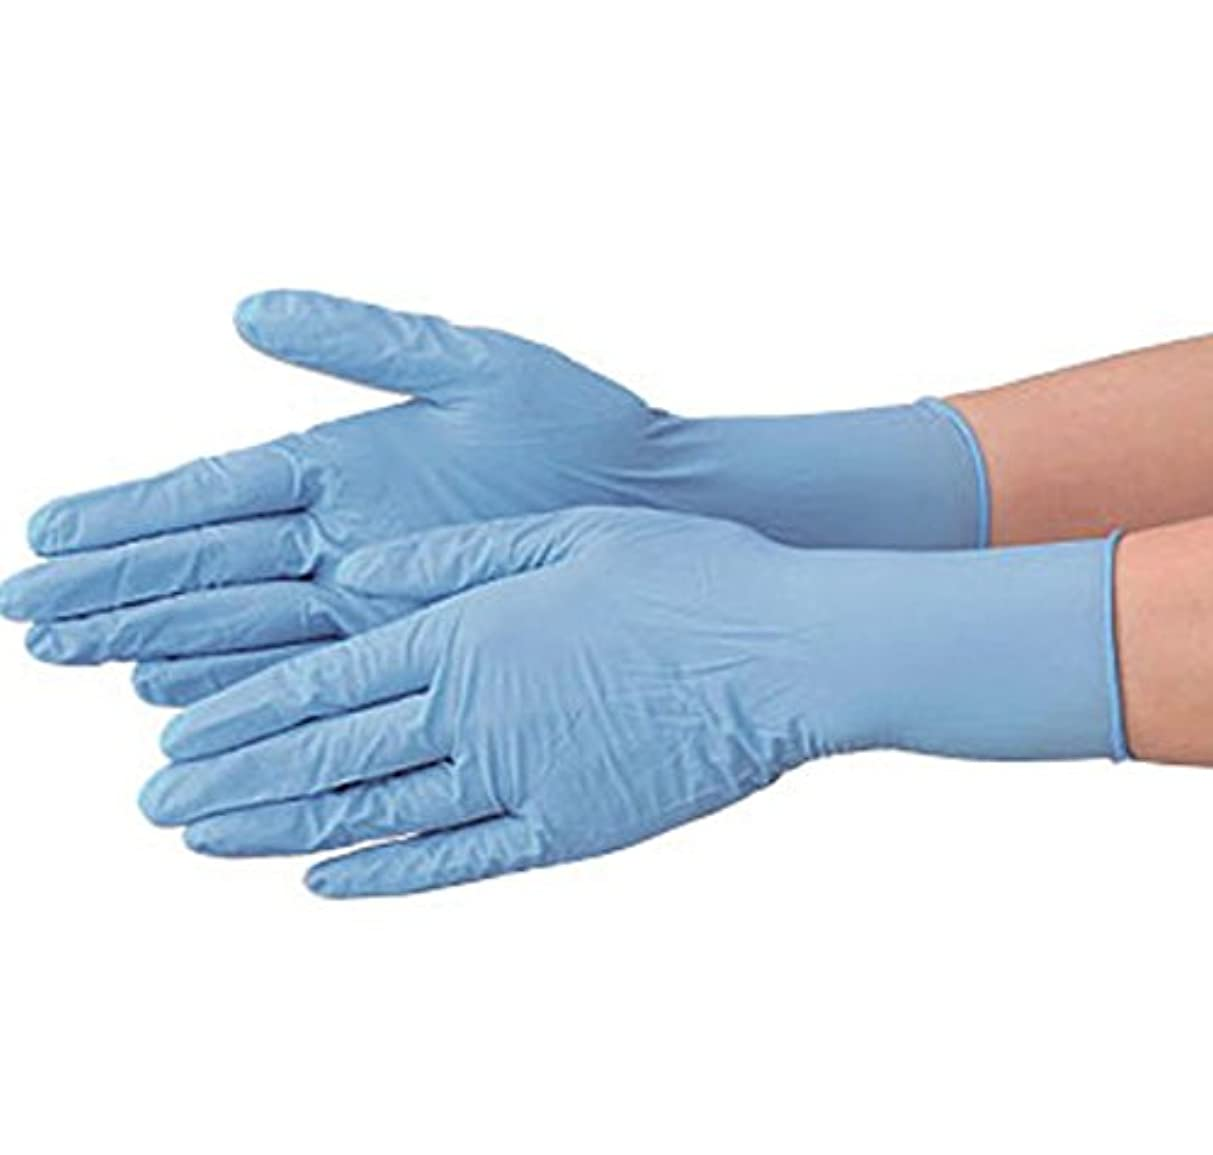 不信放散する防止使い捨て 手袋 エブノ 526 ディスポニトリル パウダーフリー ホワイト Lサイズ 2ケース(100枚×40箱)